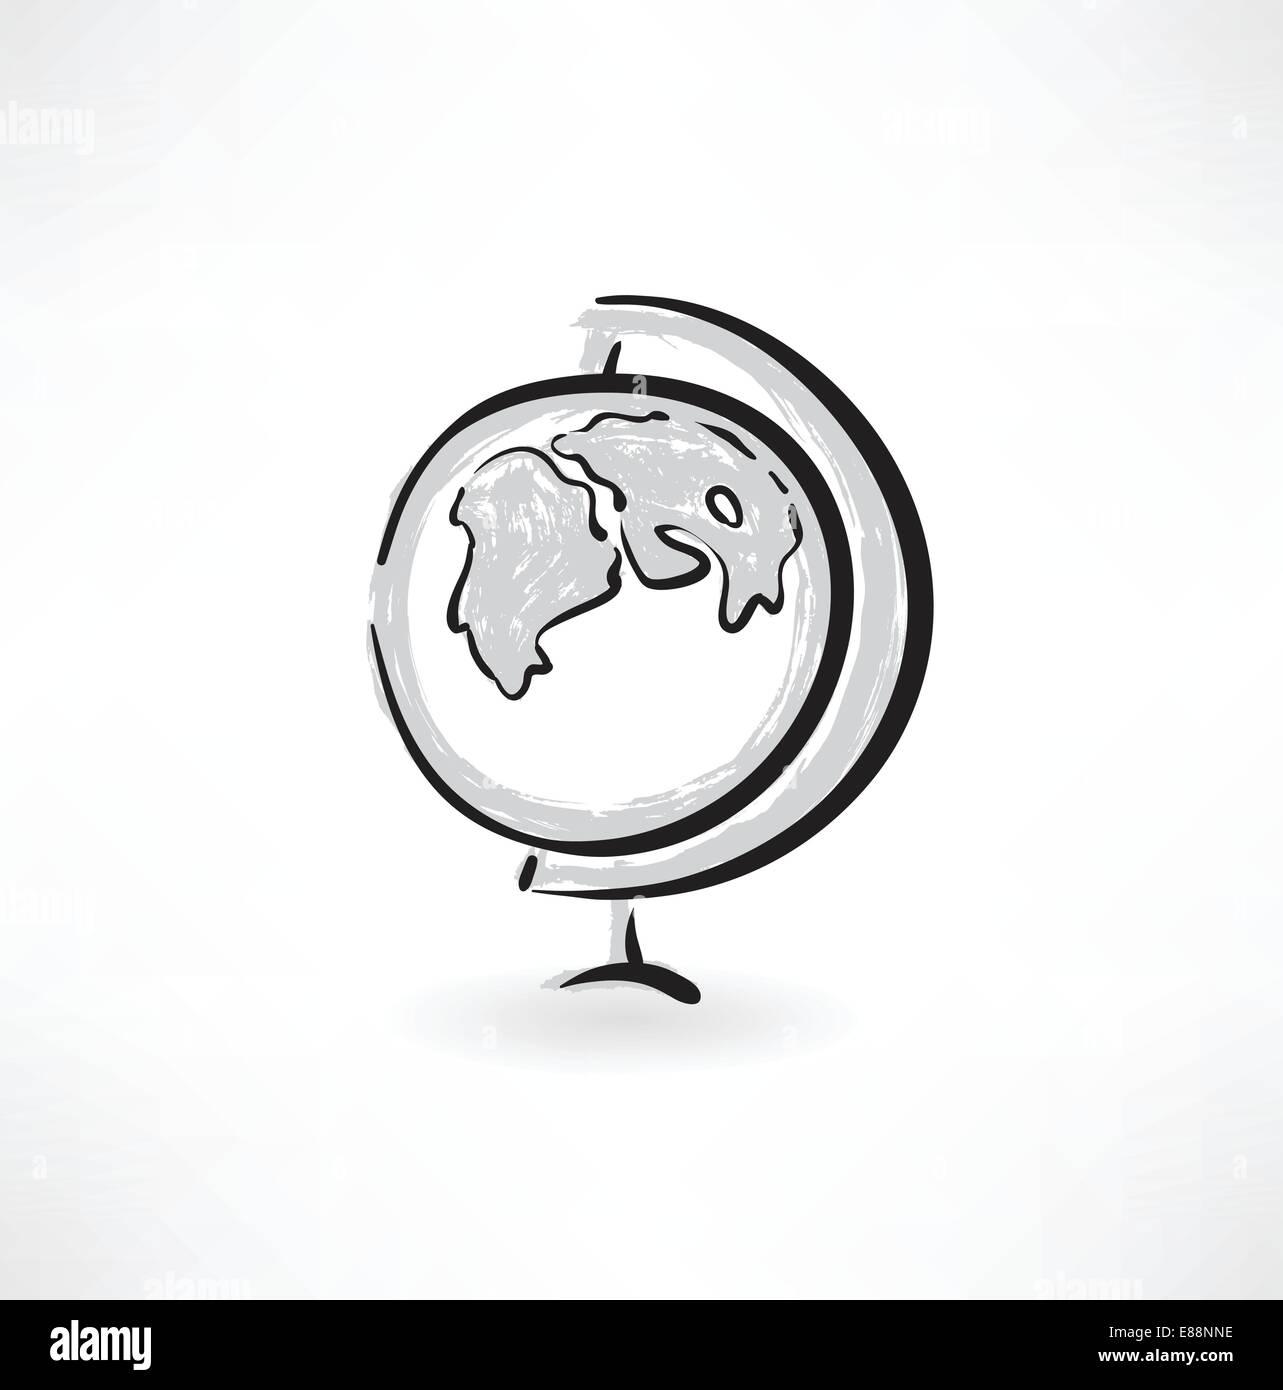 globe grunge icon - Stock Image